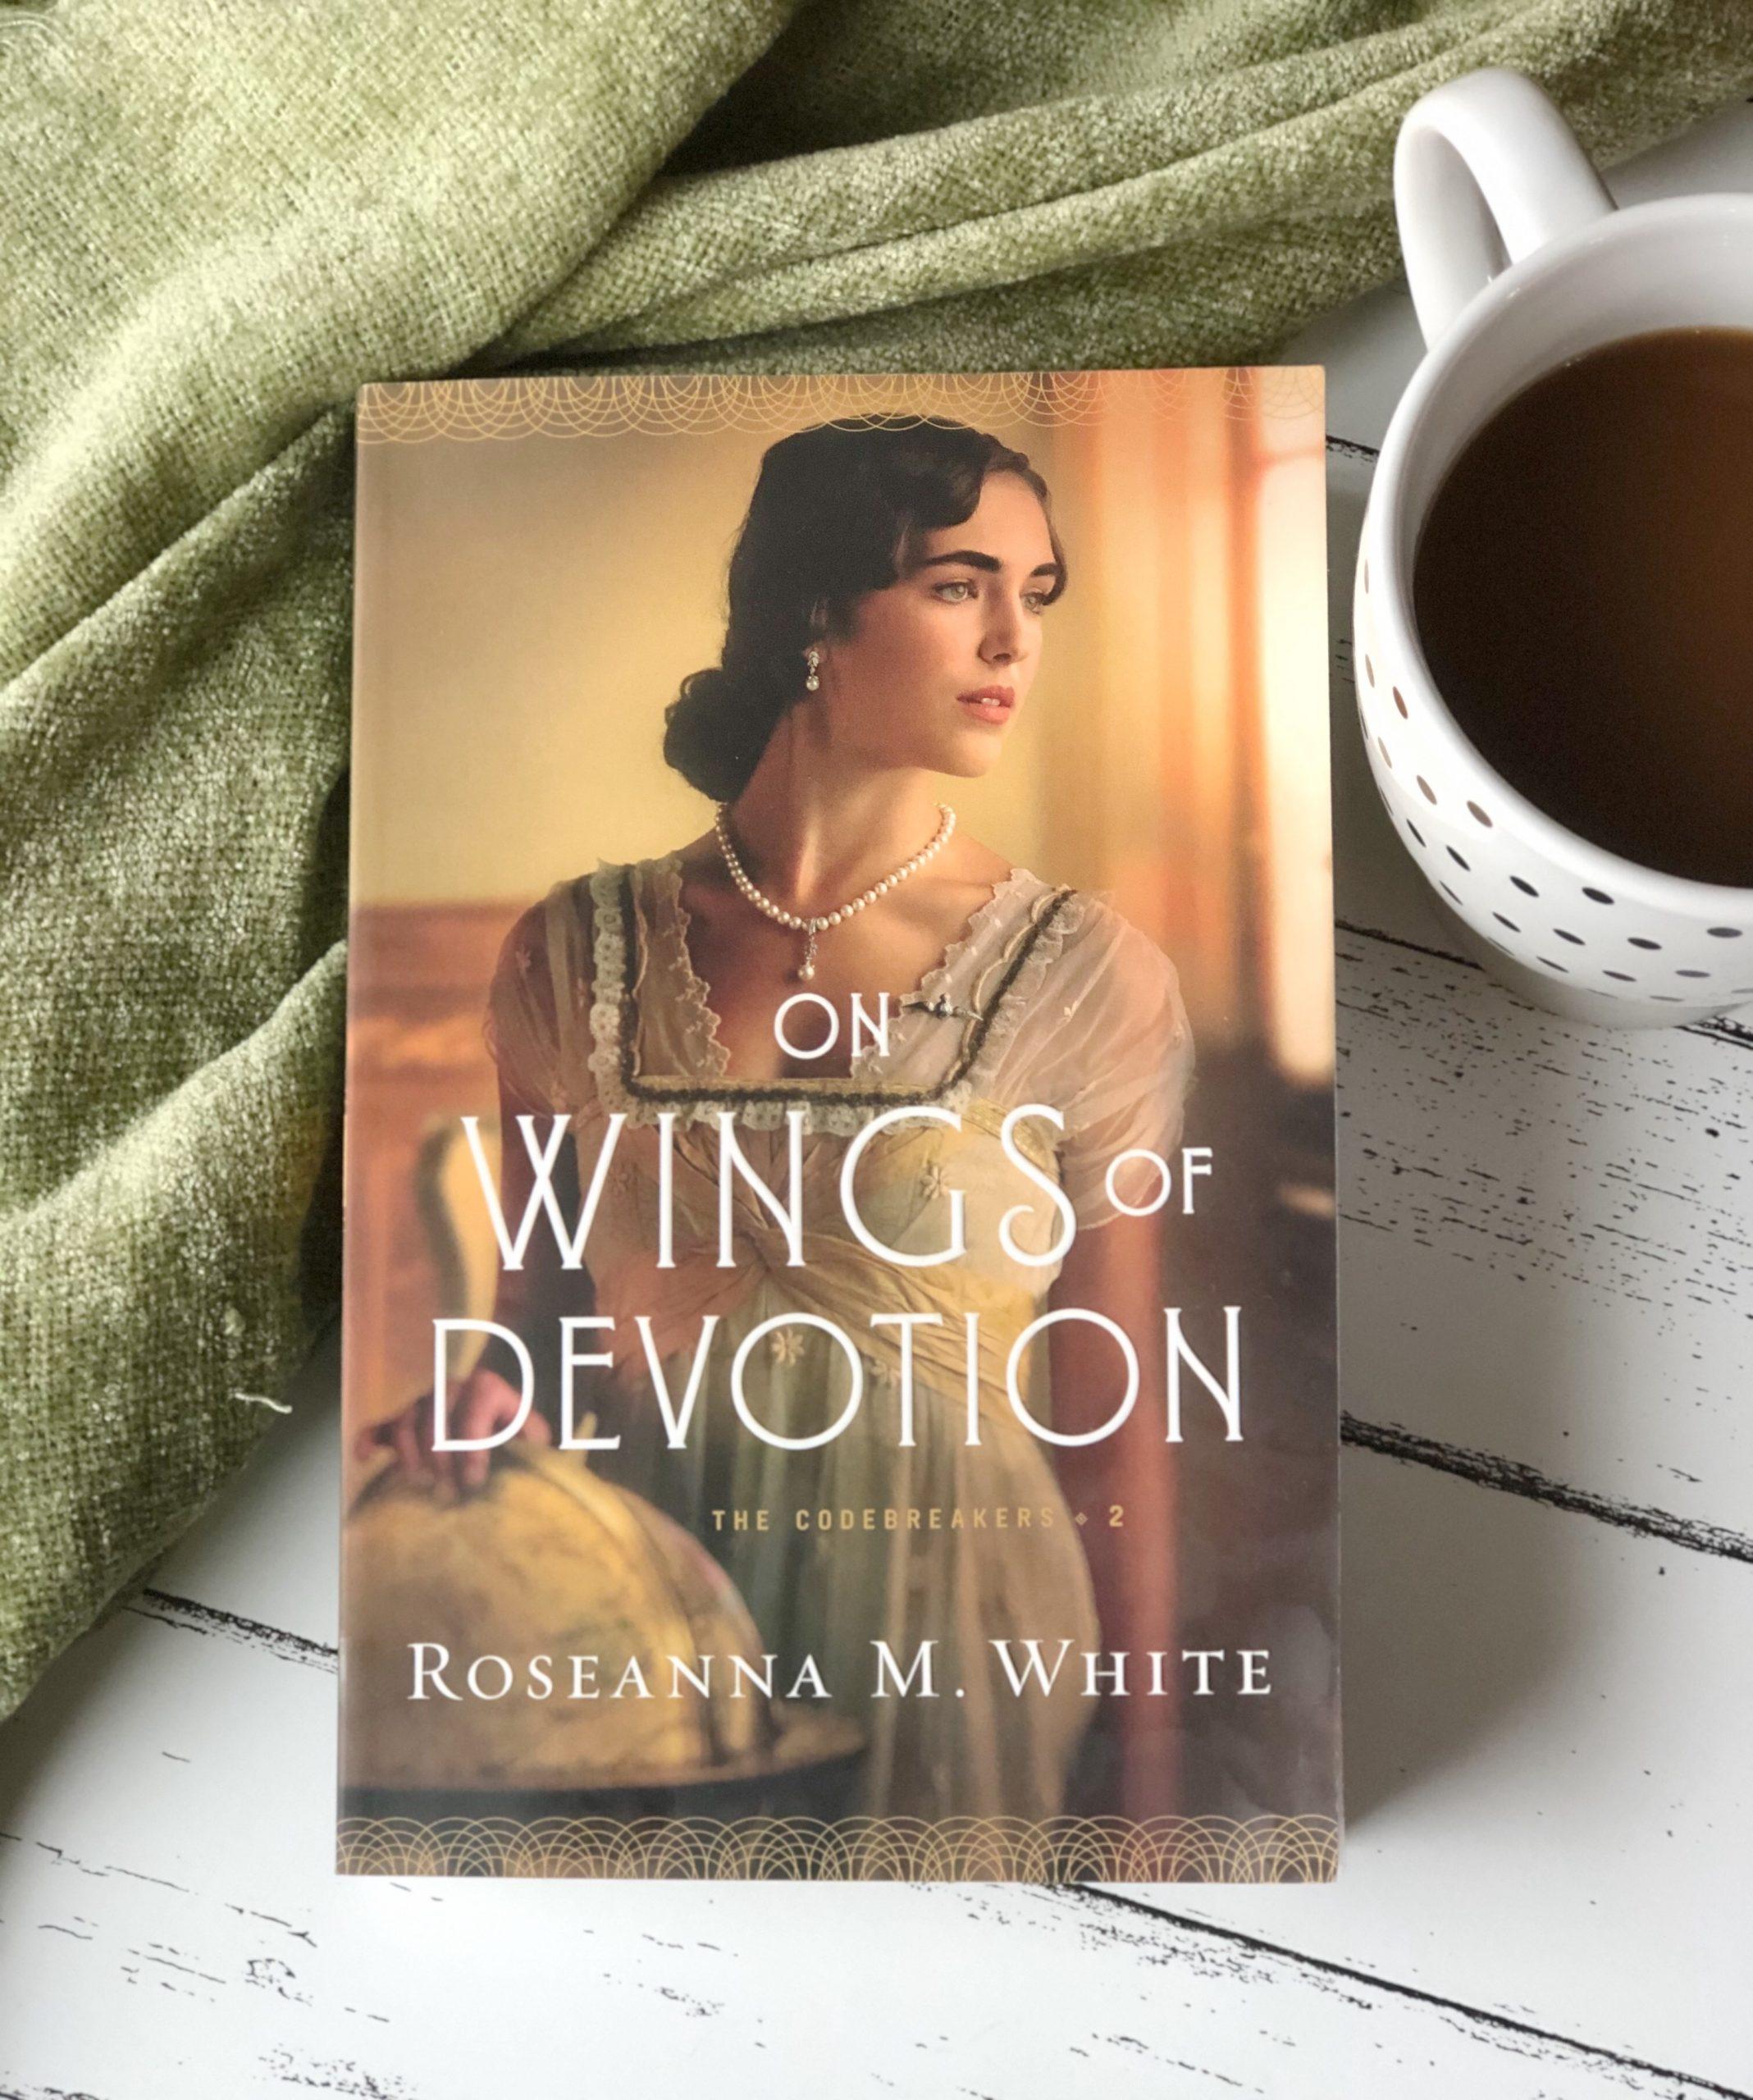 On Wings of Devotion